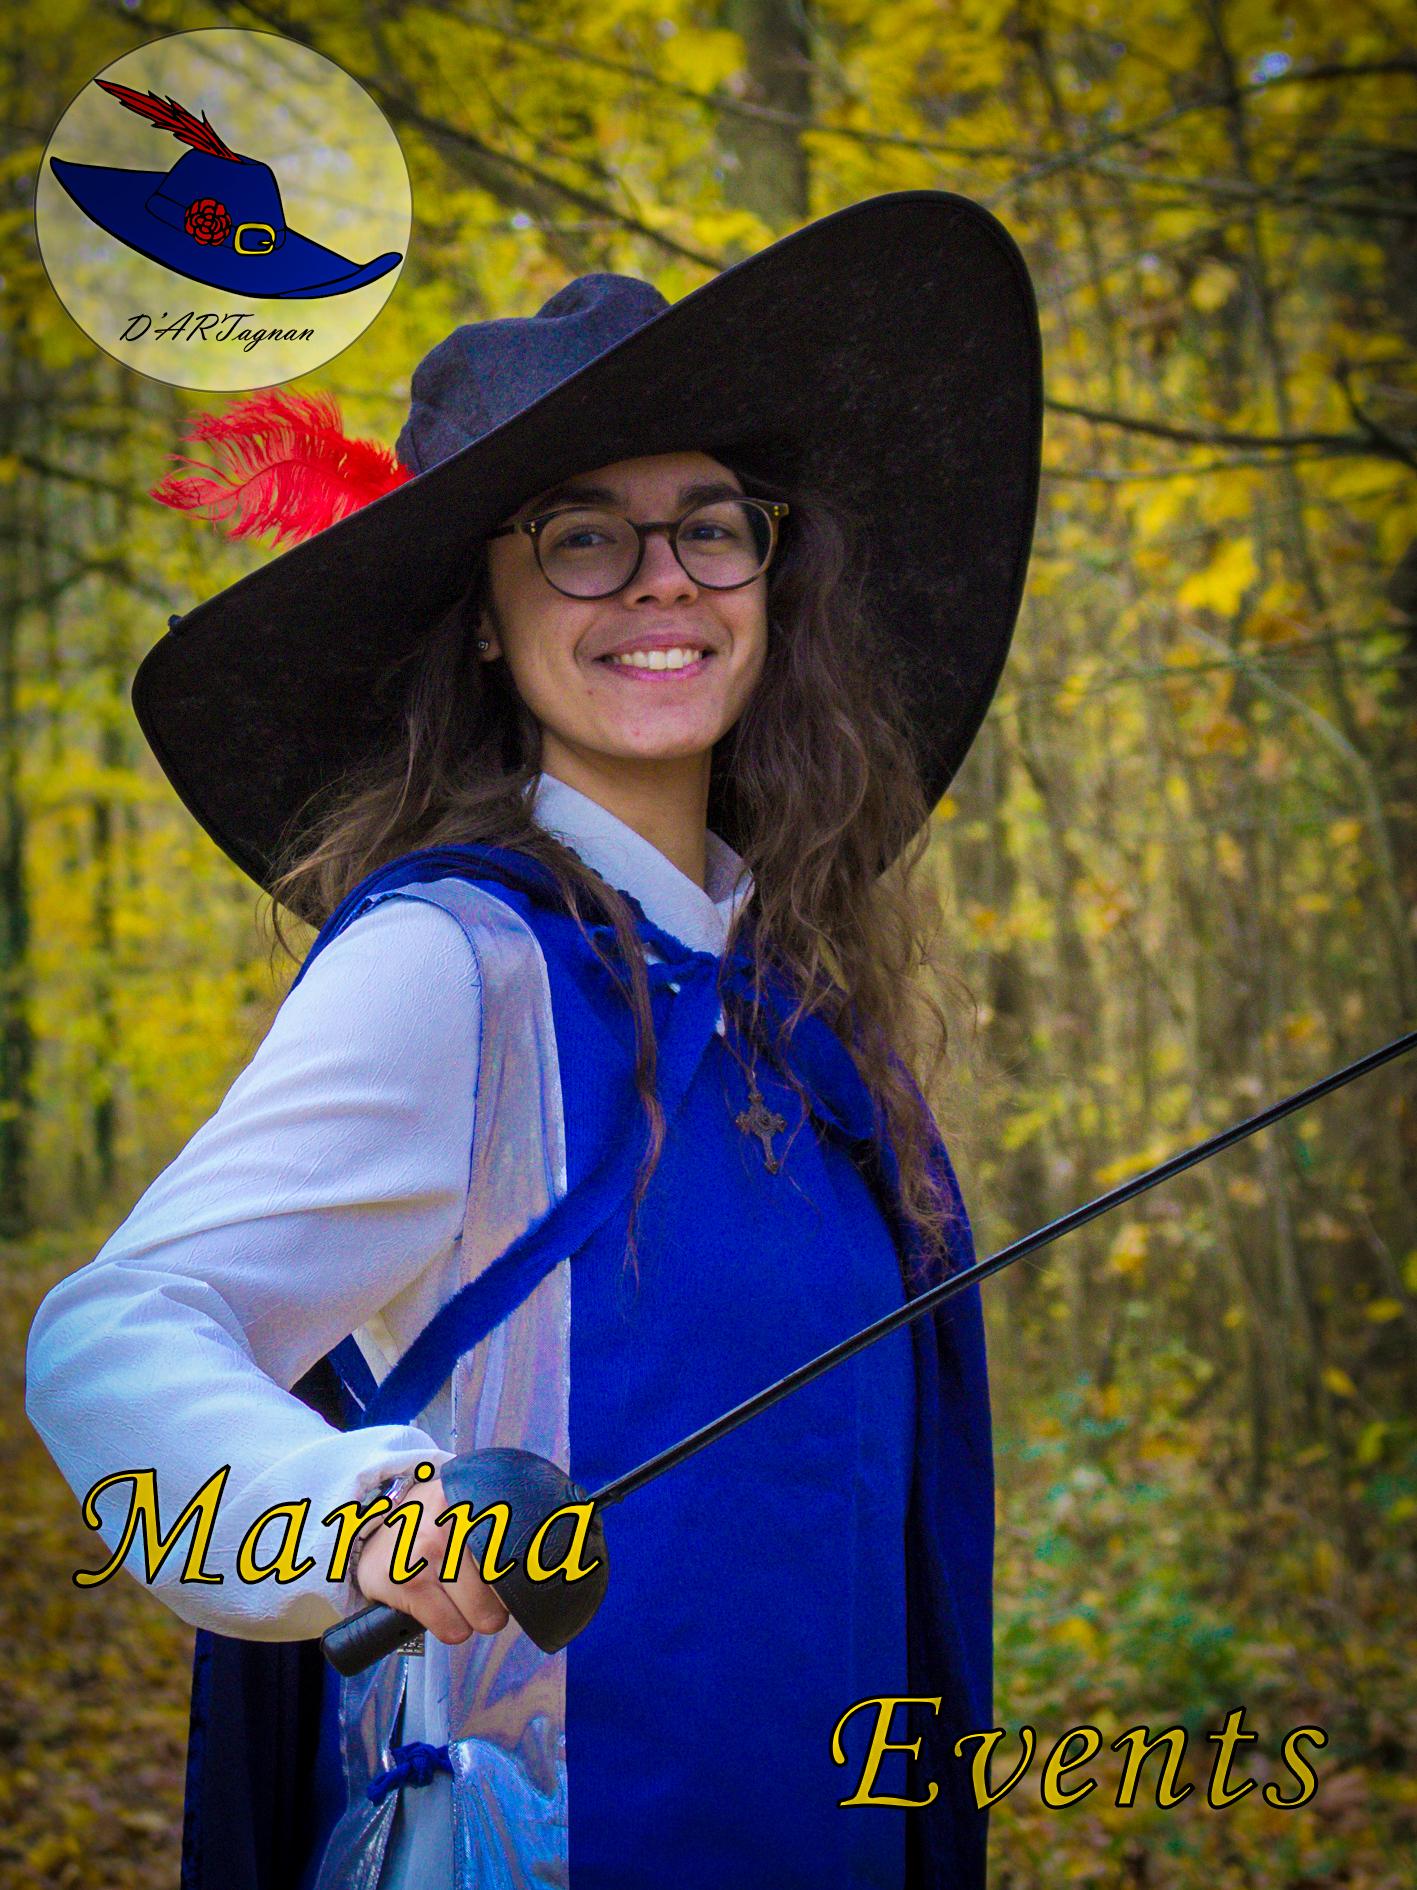 Marina Devatine